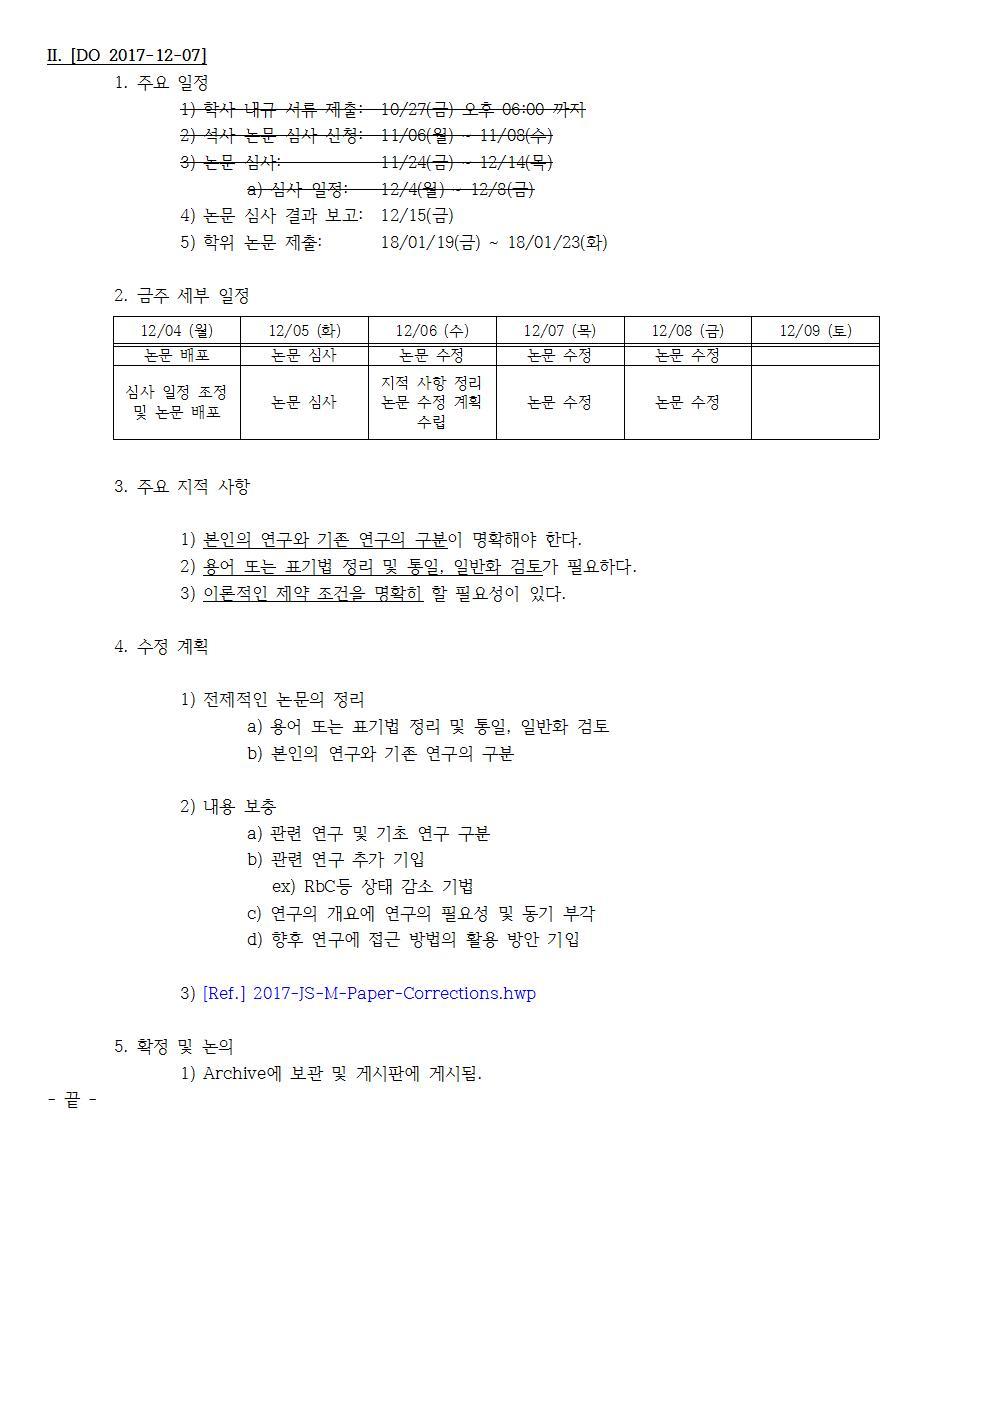 D-[17-100-PP-19]-[MS-G-Paper-JS]-[JS]-[2017-12-07]-[PLAN][DO]002.jpg